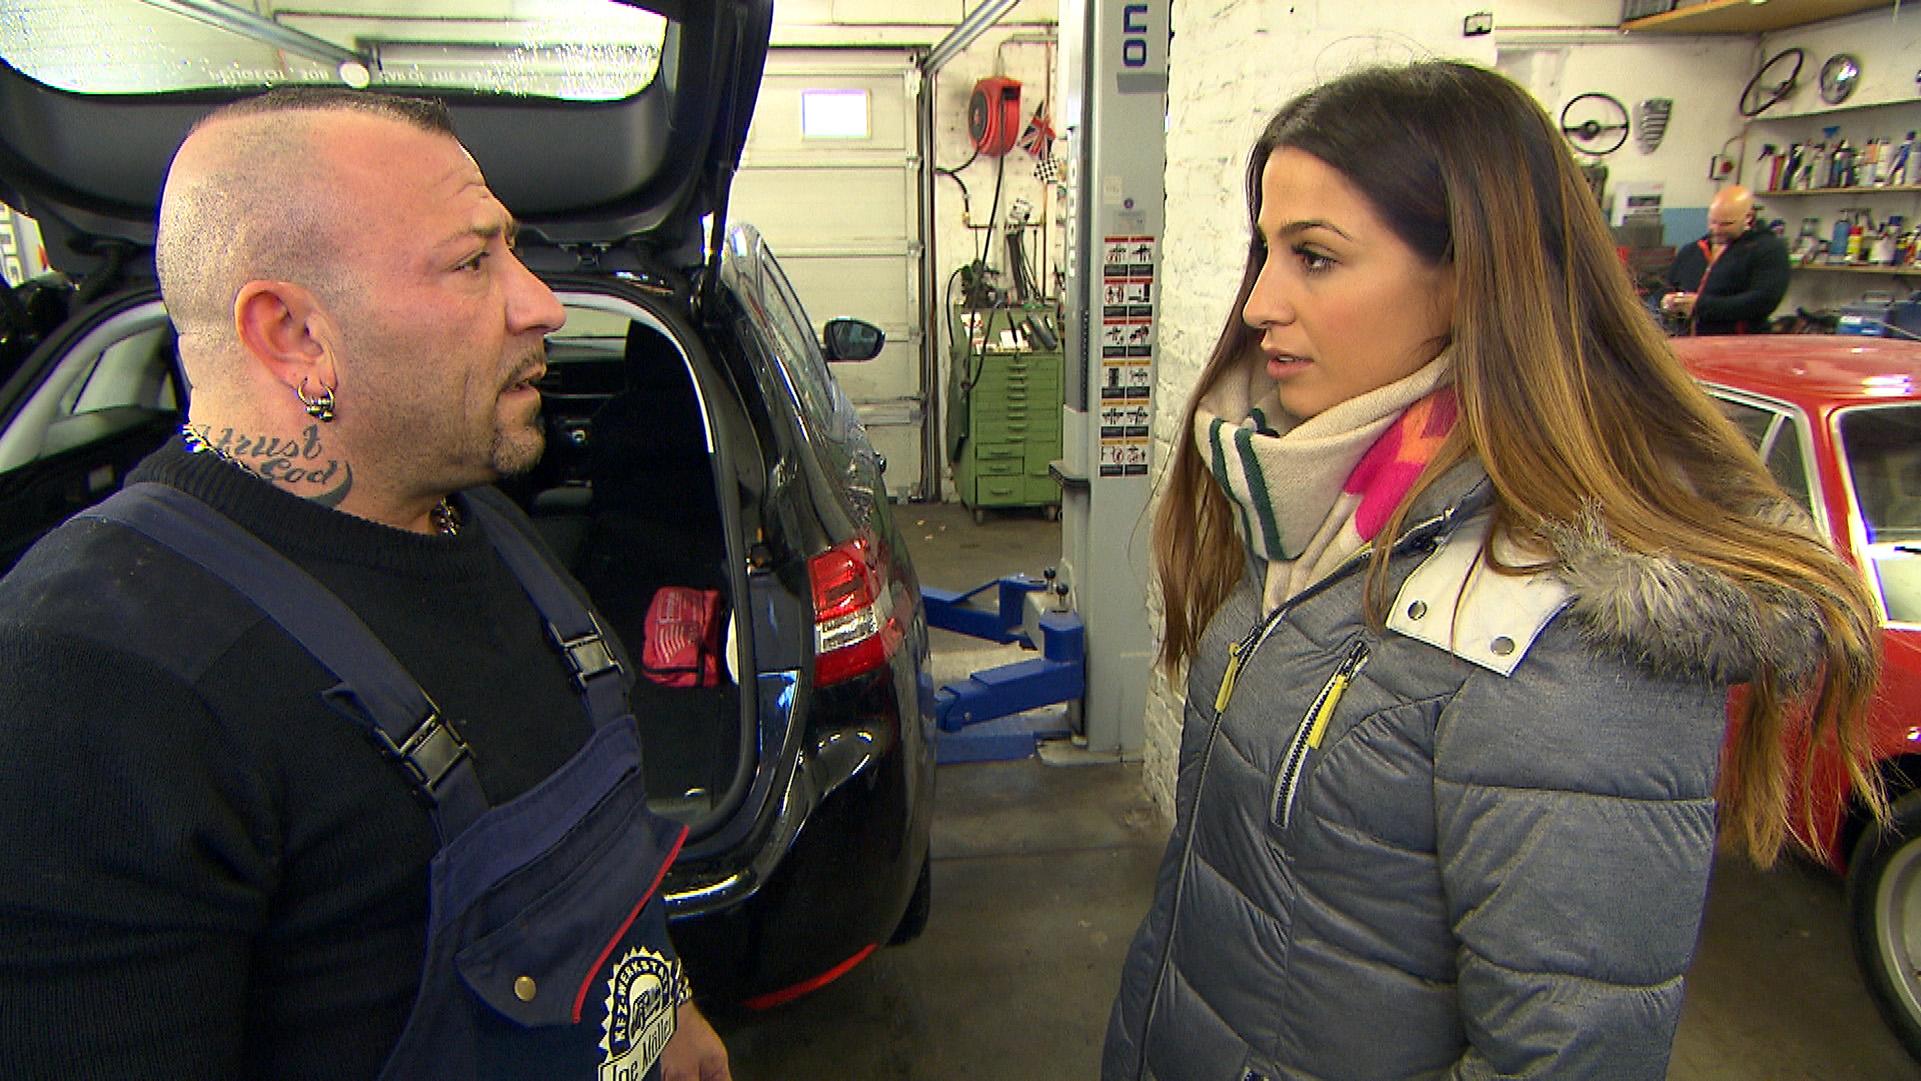 Alessia bekommt am Morgen durch Zufall mit, wie Fabrizio vor ihrem Bruder über seine Gefühle für Alessia spricht. Alessia gerät ins Grübeln und hofft auf eine Versöhnung mit Fabrizio. (Quelle: RTL 2)